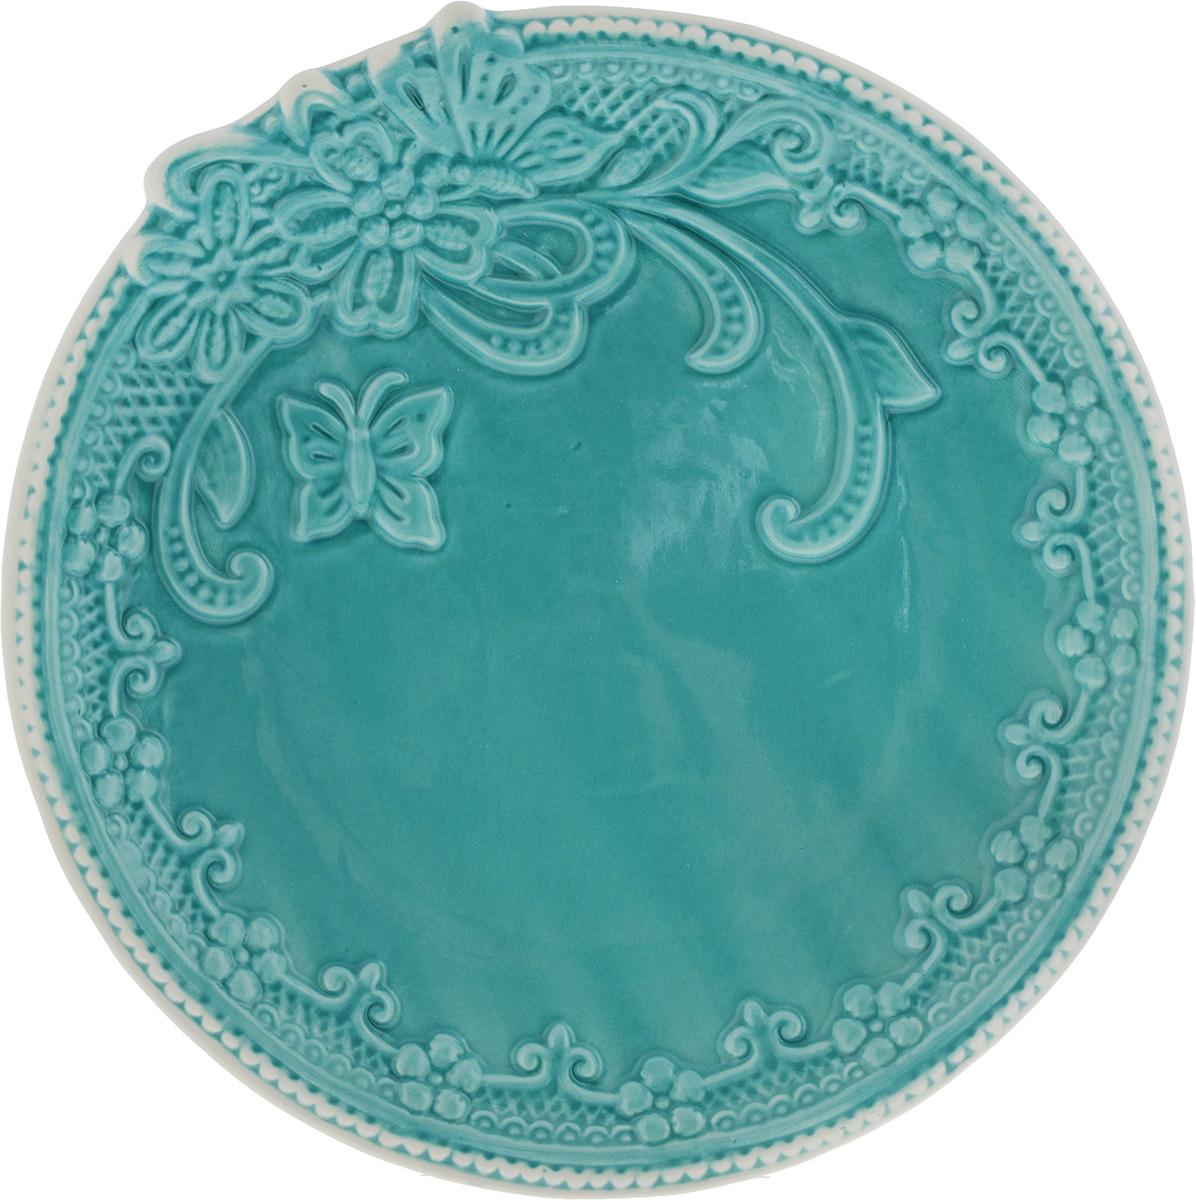 Тарелка Azur, диаметр 21 см115510Тарелка Azur выполнена из высококачественной керамика и имеет рельефную поверхность. Она прекрасно впишется в интерьер вашей кухни и станет достойным дополнением к кухонному инвентарю.Можно мыть в посудомоечной машине и использовать в микроволновой печи.Диаметр тарелки (по верхнему краю): 21 см.Высота: 2,5 см.